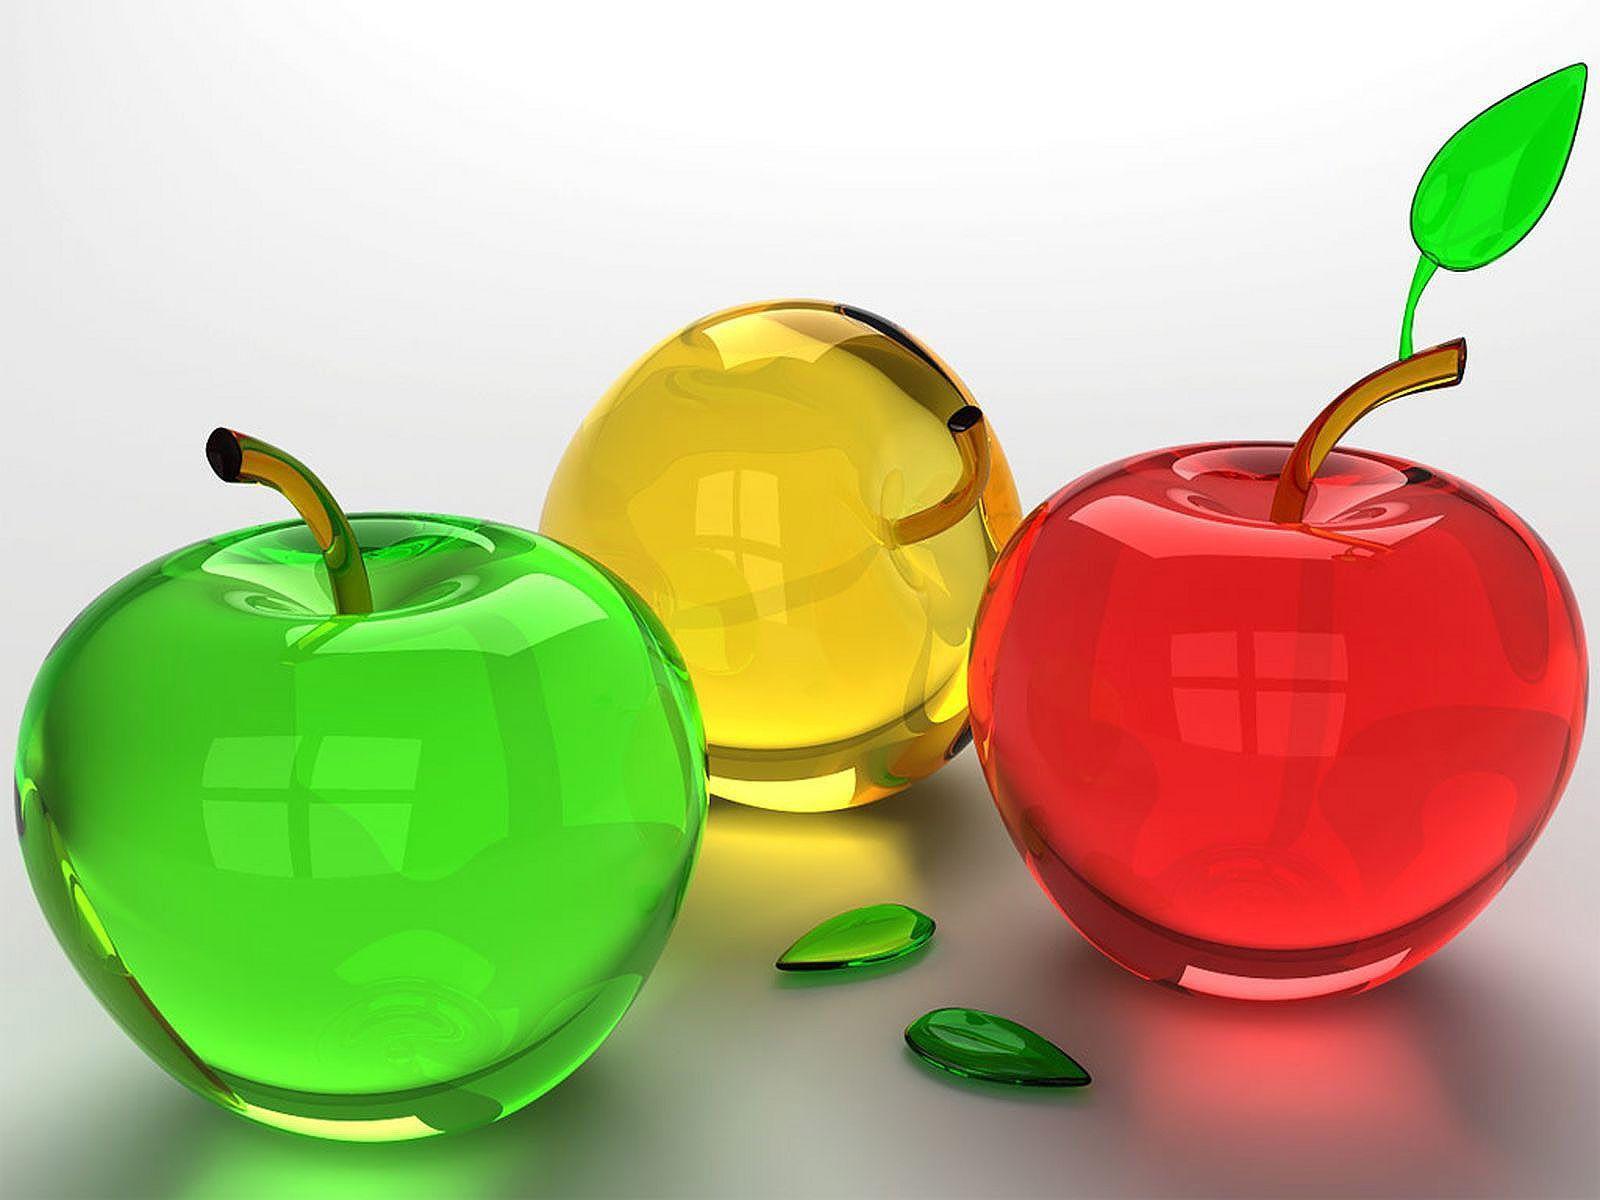 image 3d fruit desktop - photo #8